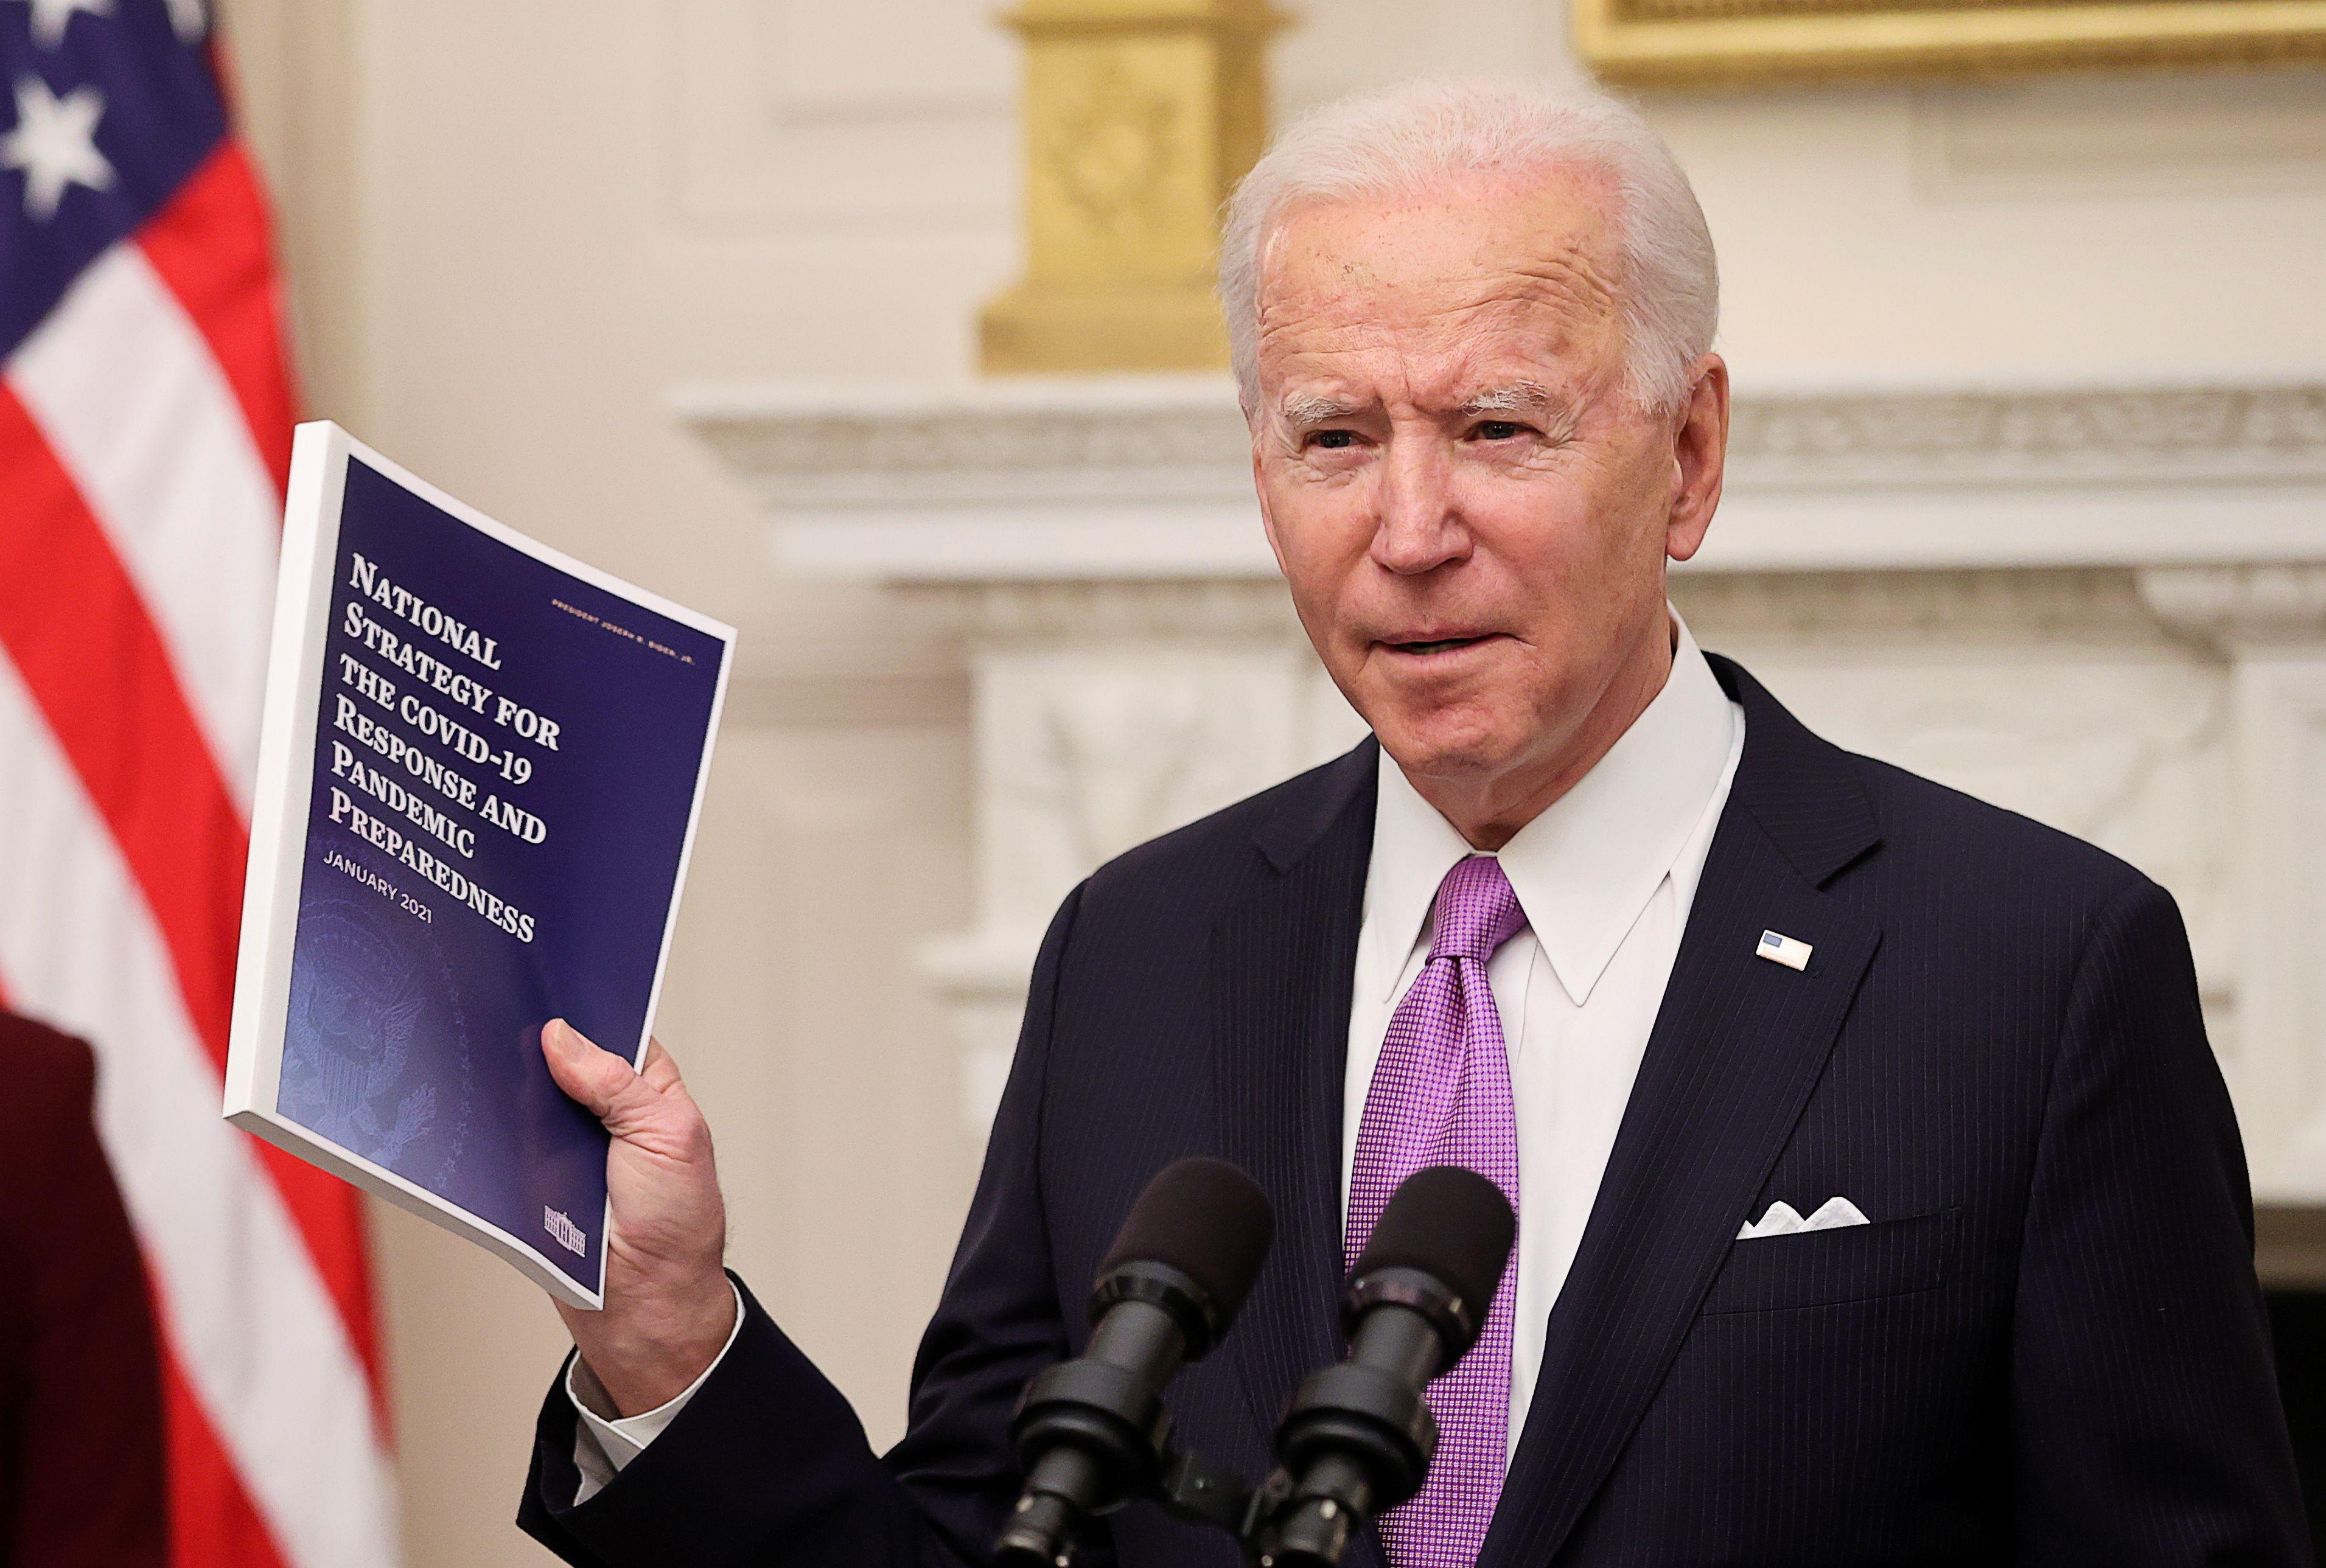 El presidente de los Estados Unidos, Joe Biden. Foto: REUTERS/Jonathan Ernst